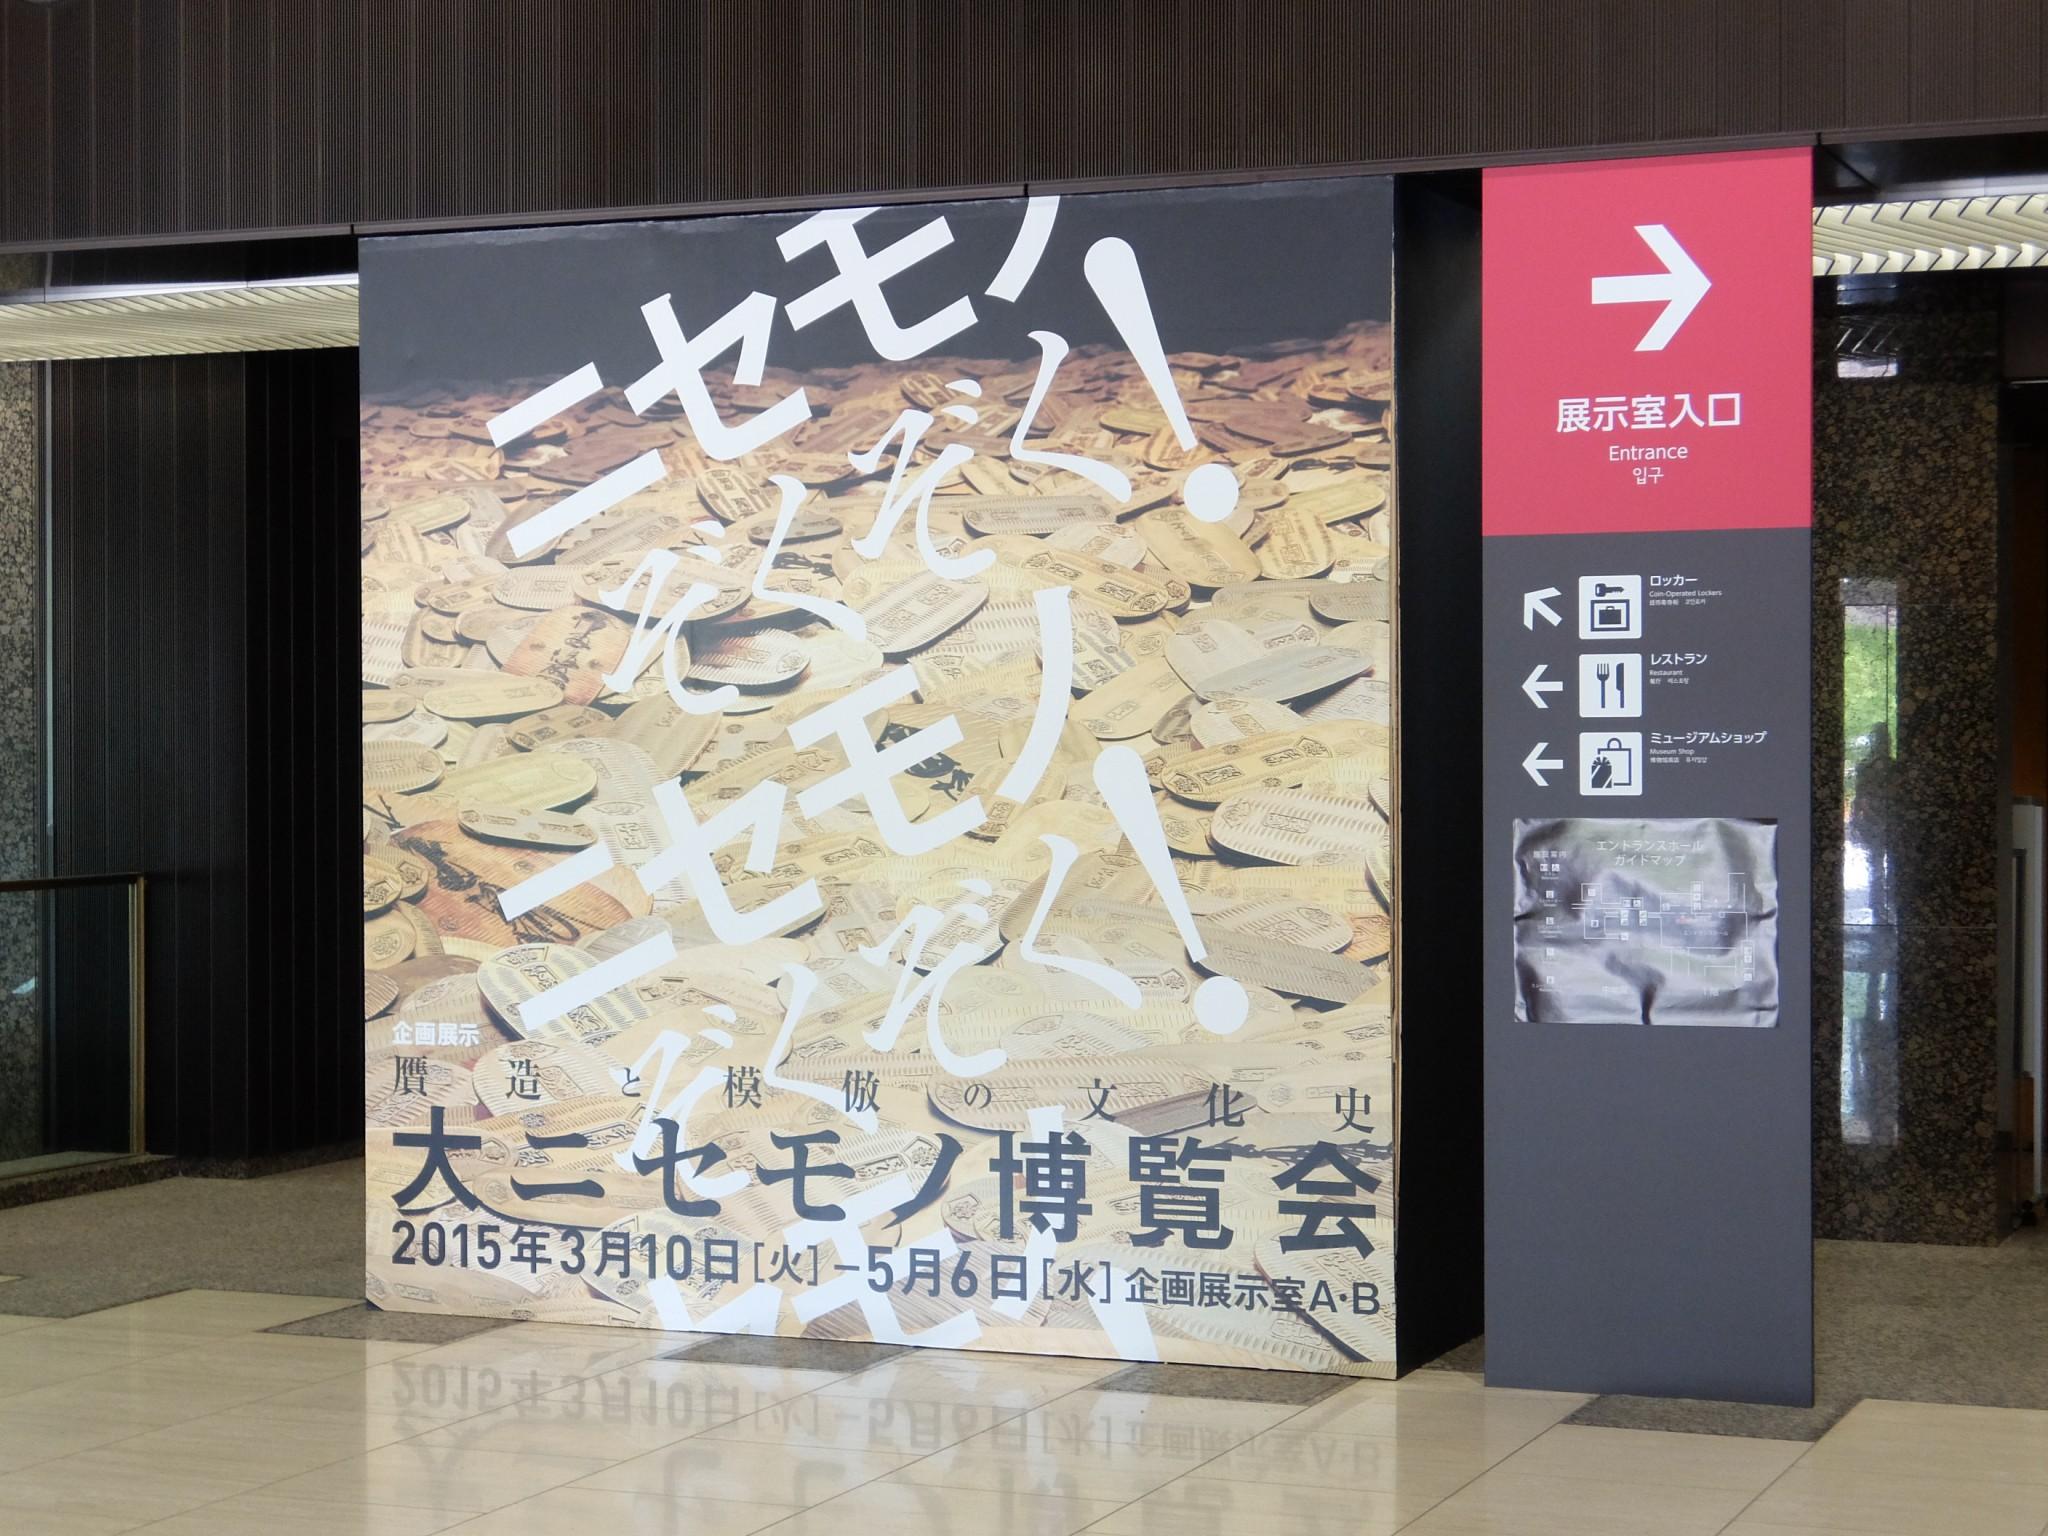 大ニセモノ博覧会 贋造と模倣の文化史